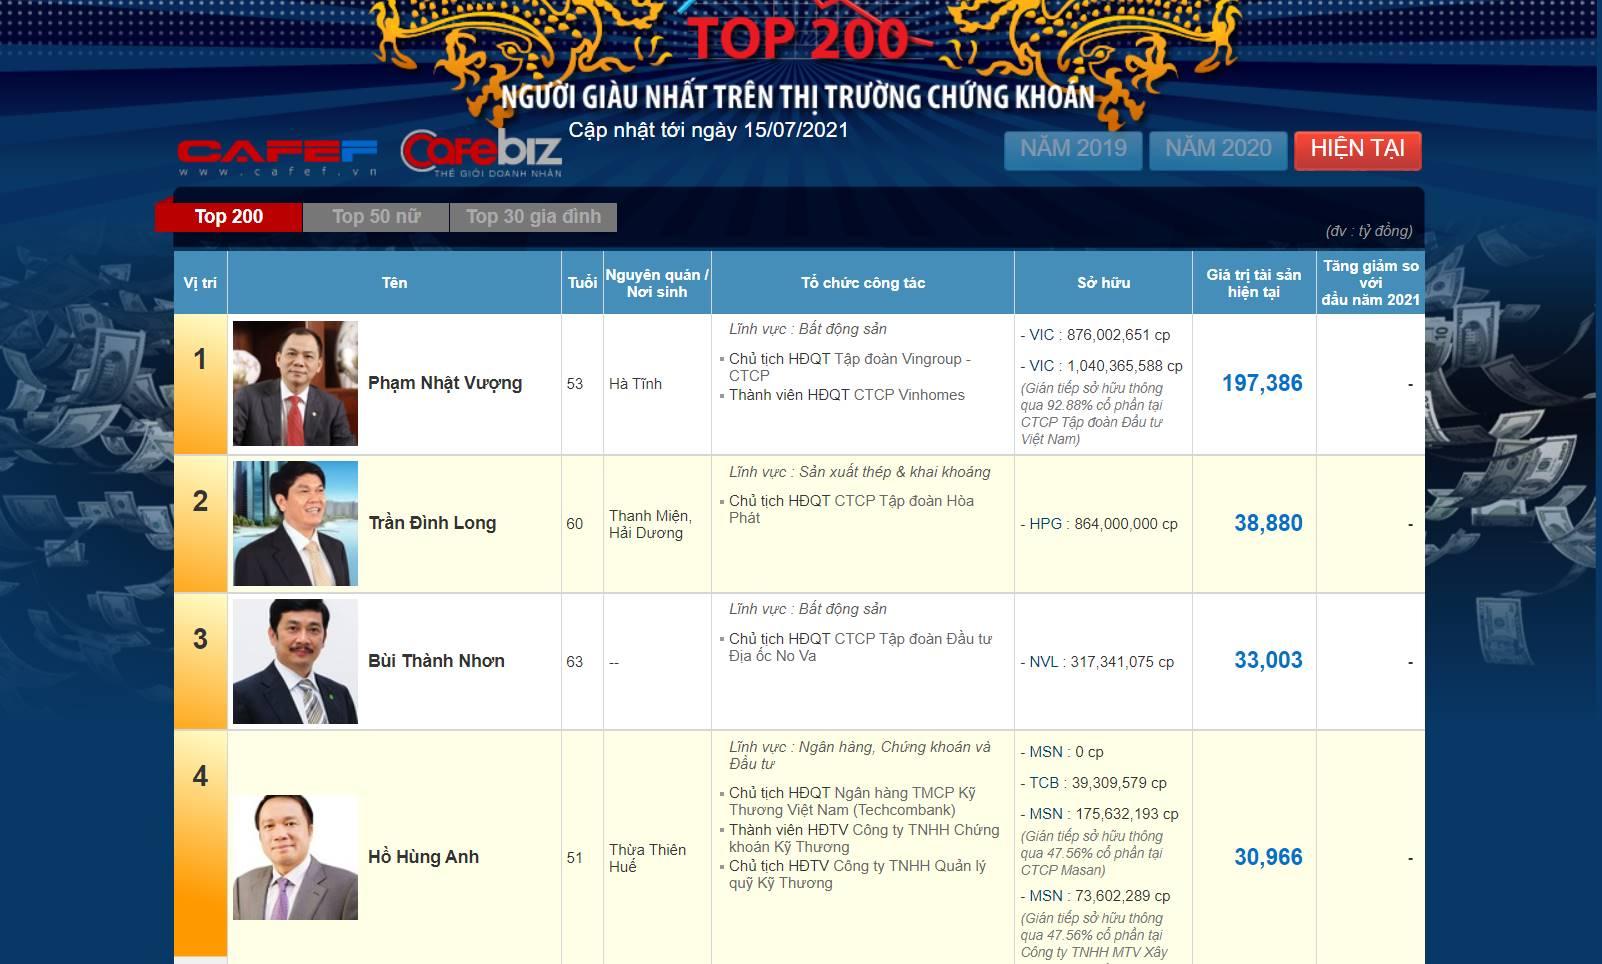 top-200-nguoi-giau-nhat-thi-truong-chung-khoan-2021